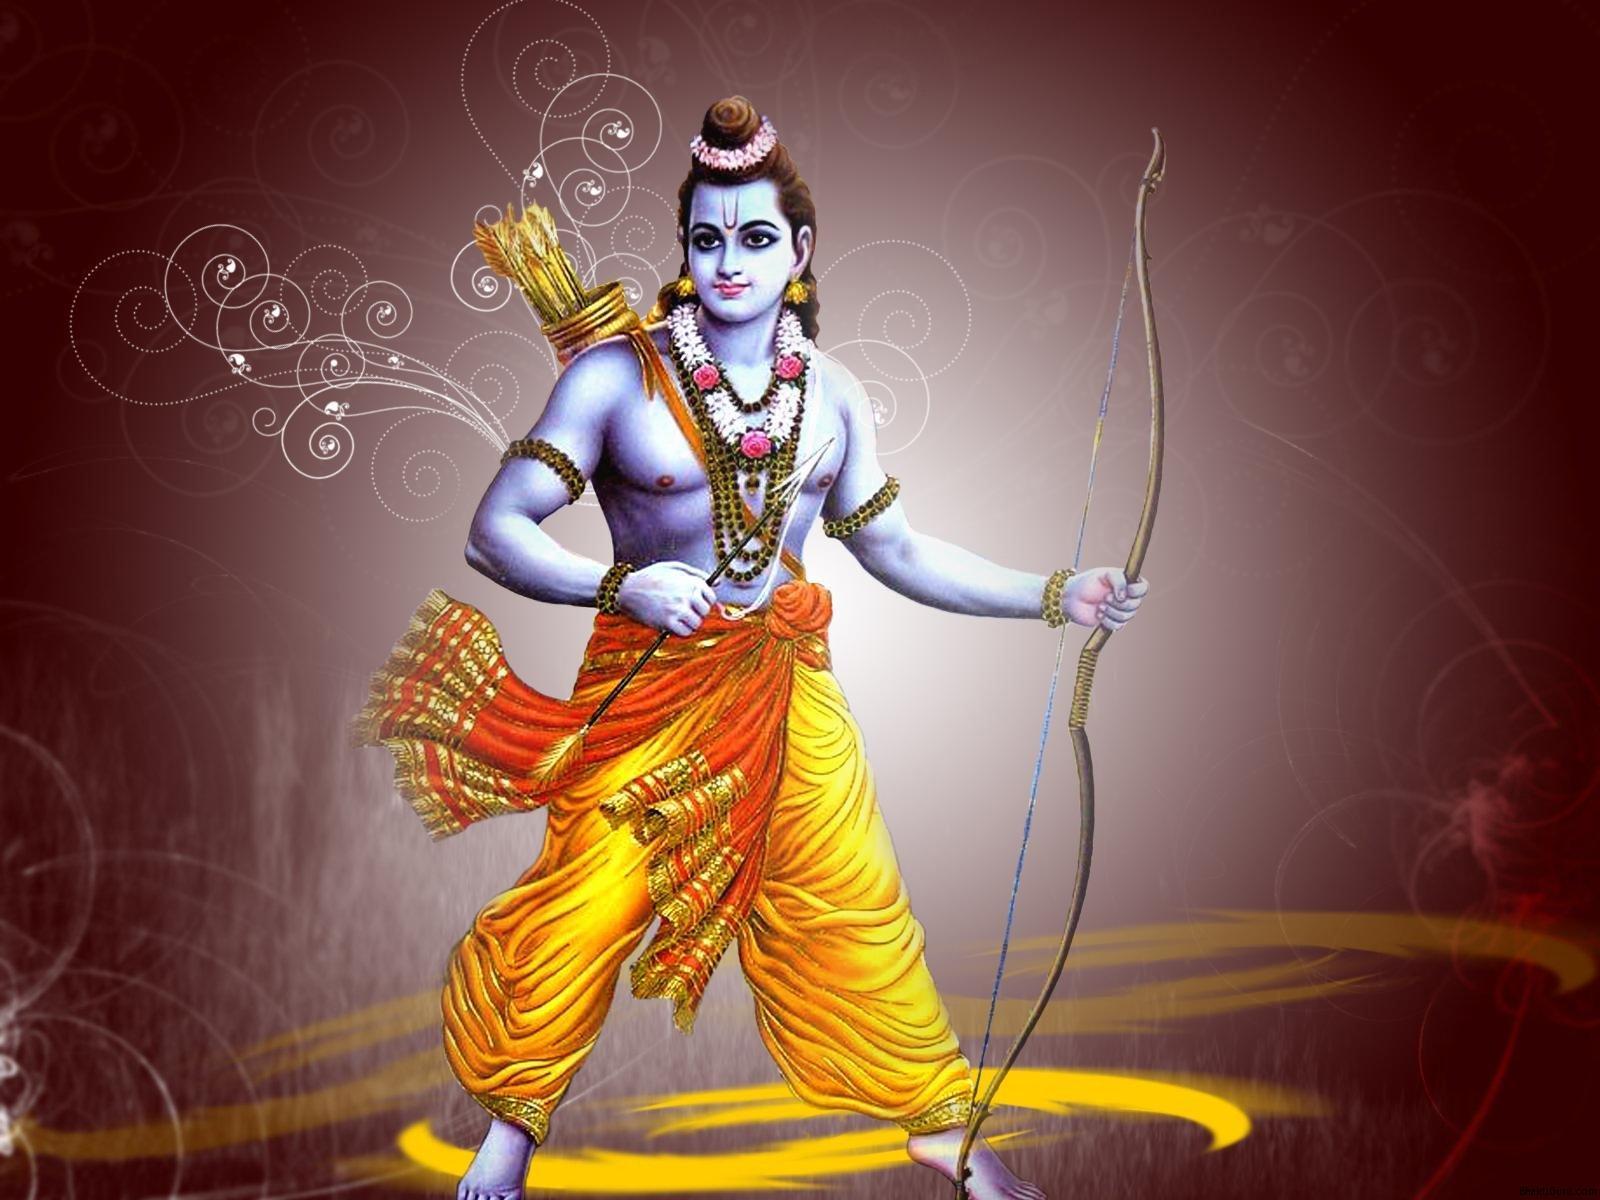 Ram prabhu